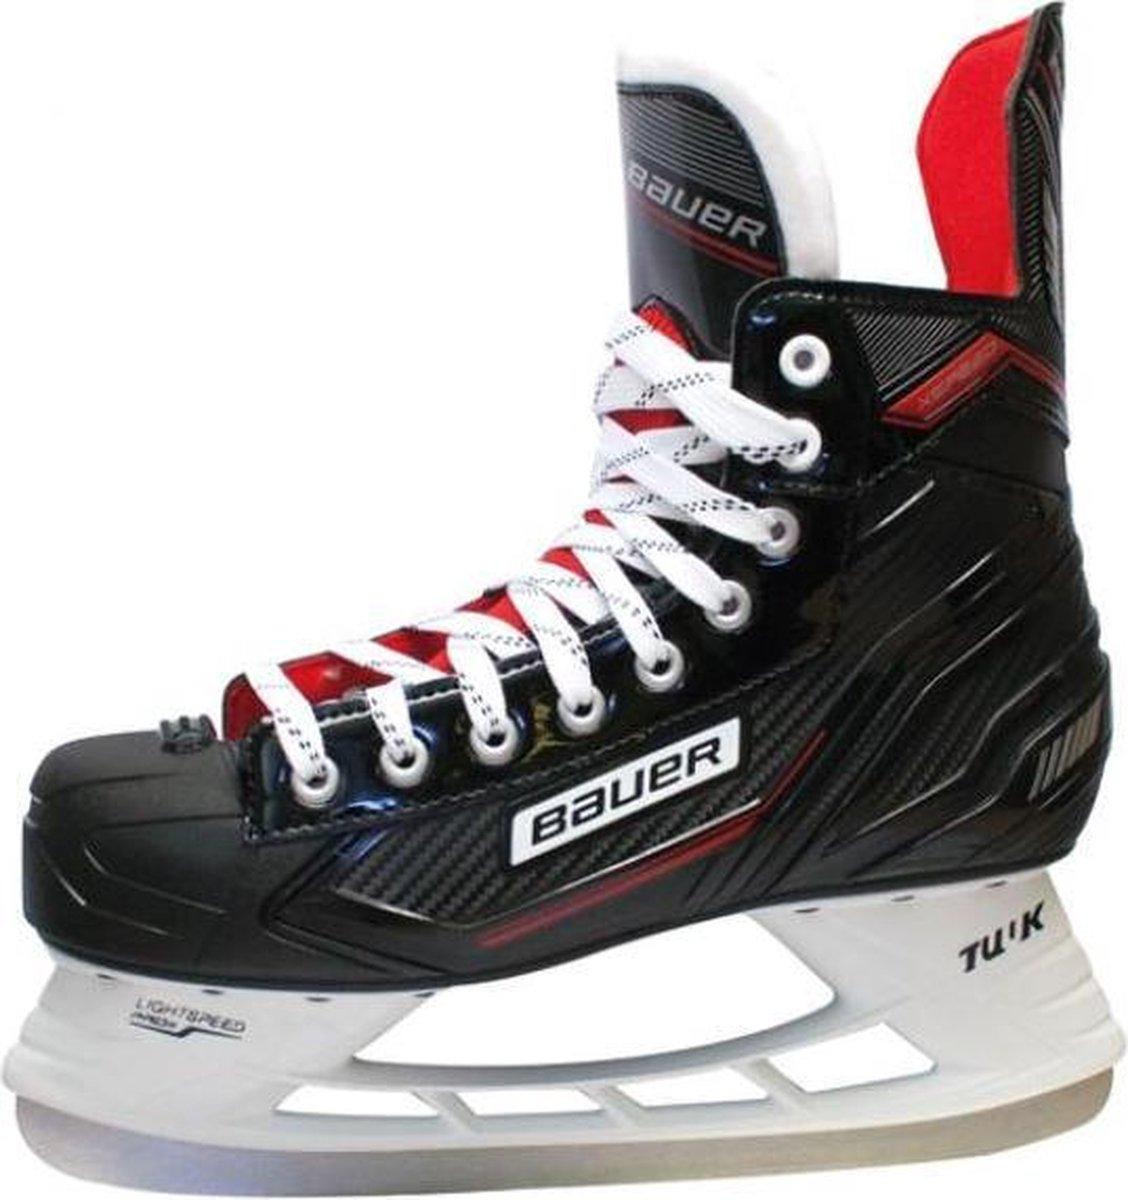 Bauer X Speed ijshockeyschaatsen - Maat 40.5 - Zwart